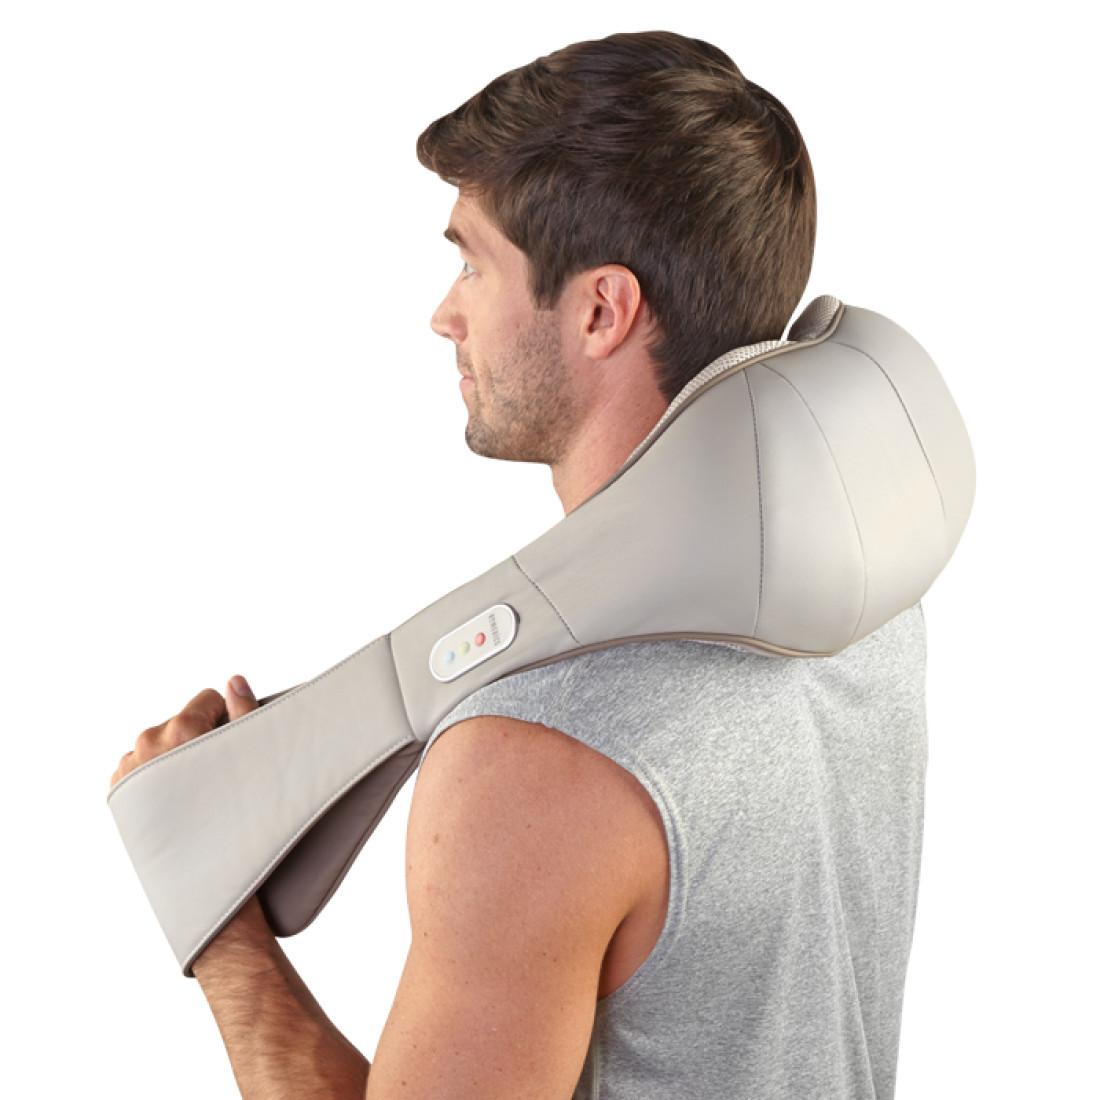 Đai massage USA cổ vai gáy pin sạc công nghệ SHIATSUTALK   điều khiển bằng giọng nói HoMedics NMS-675H nhập khẩu USA